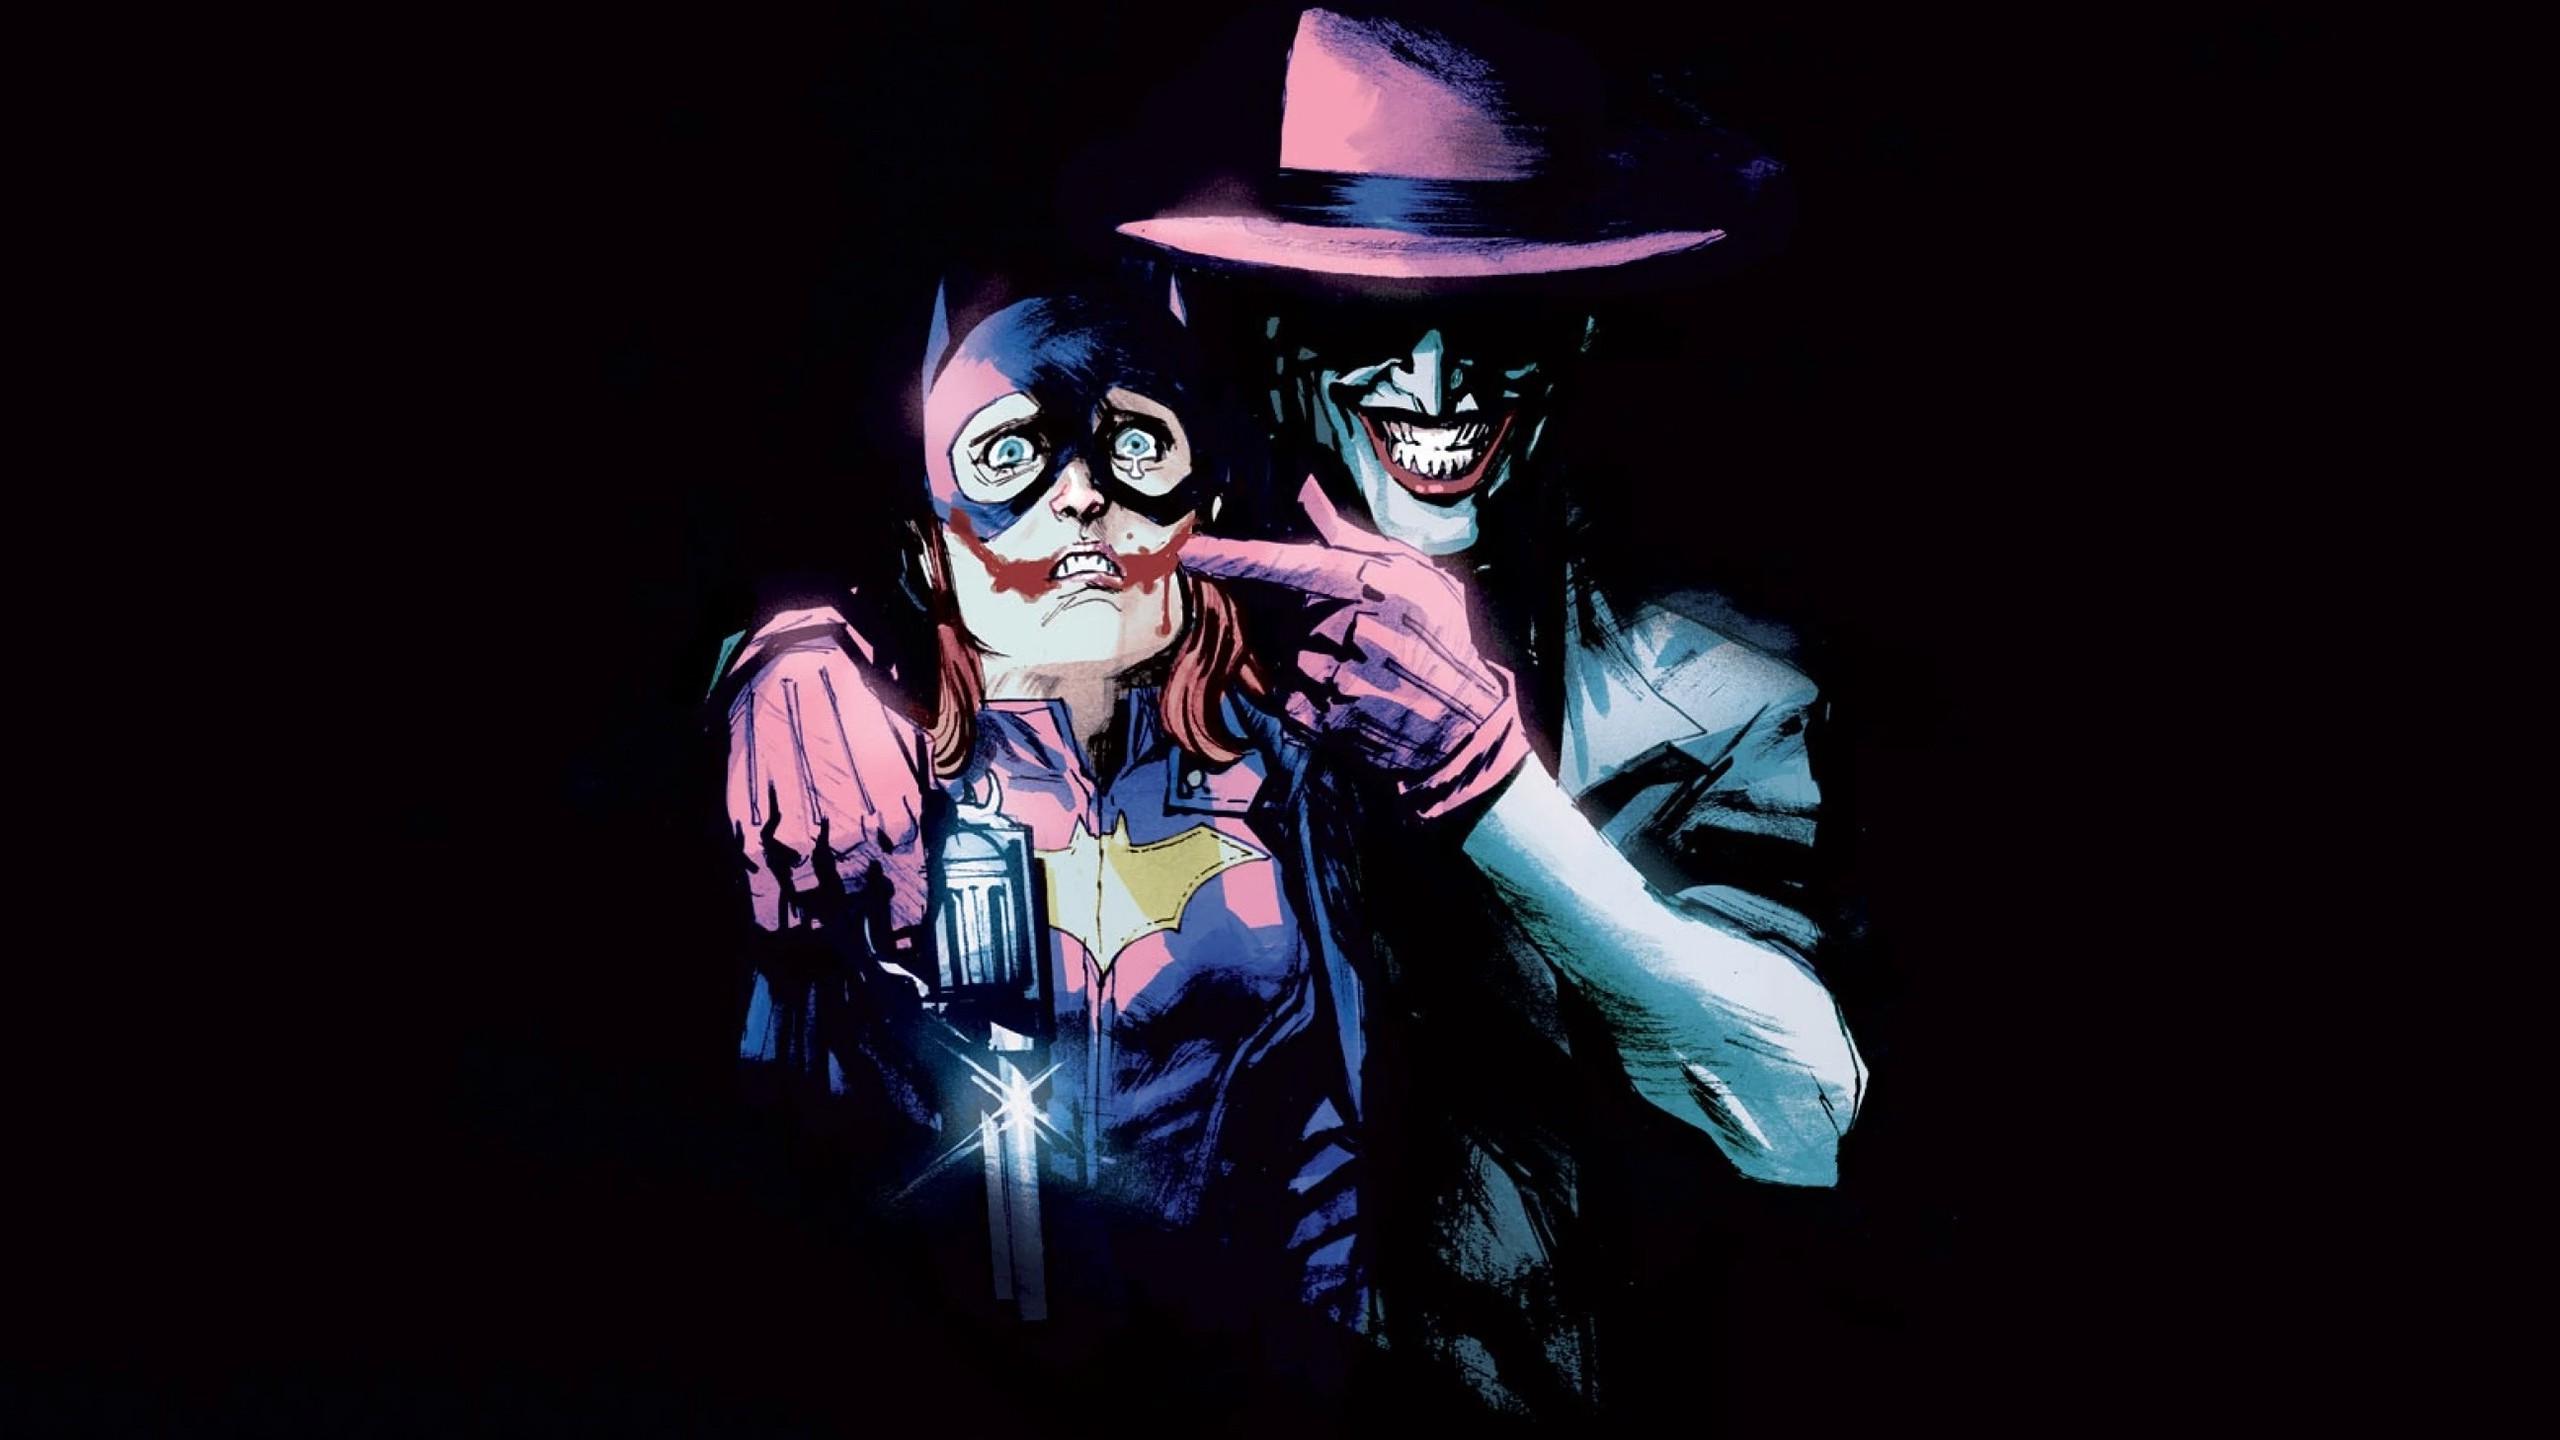 HD DC Comics Backgrounds 2560x1440